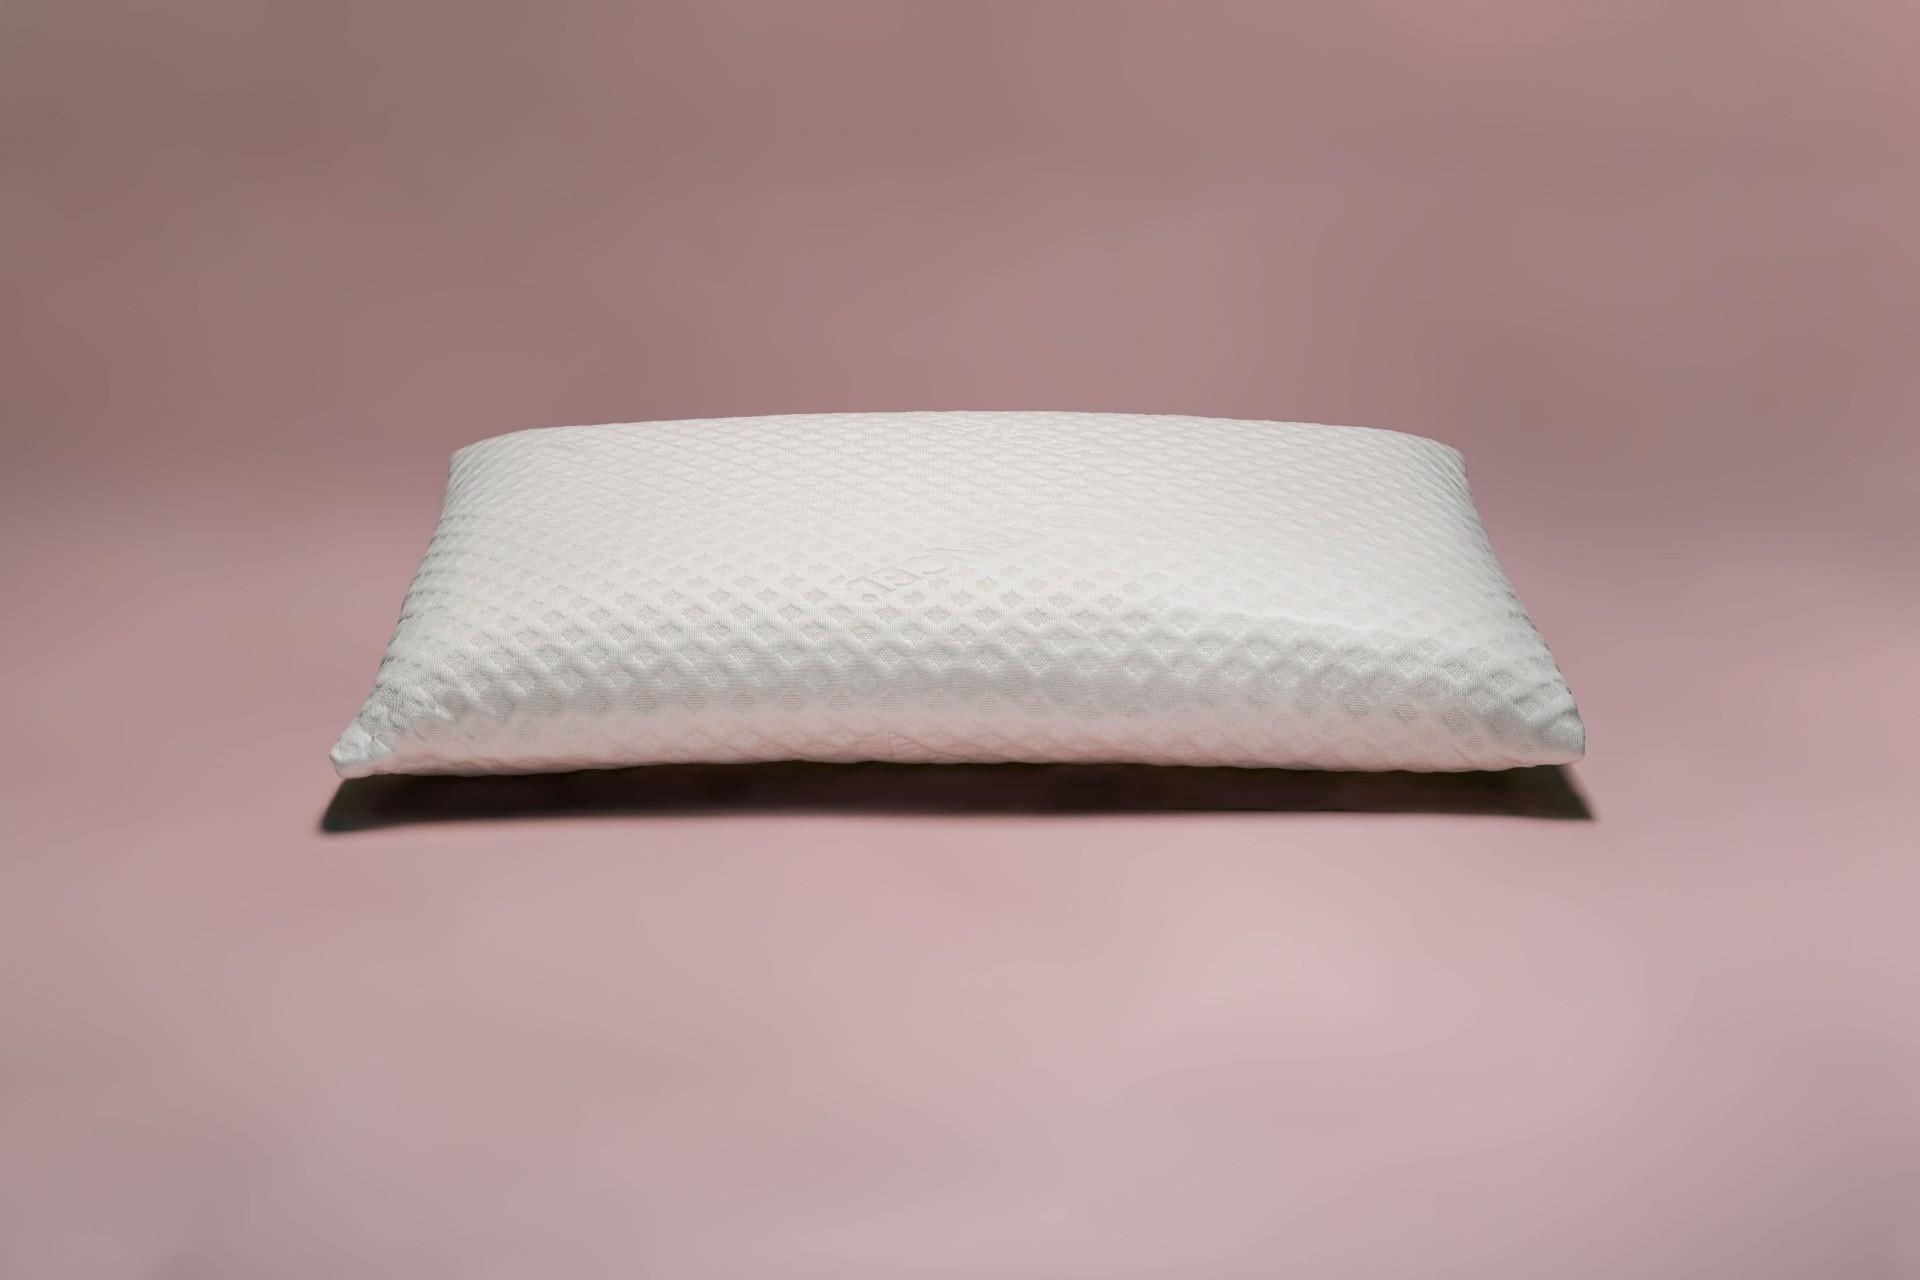 Cuscino in lattice naturale basso